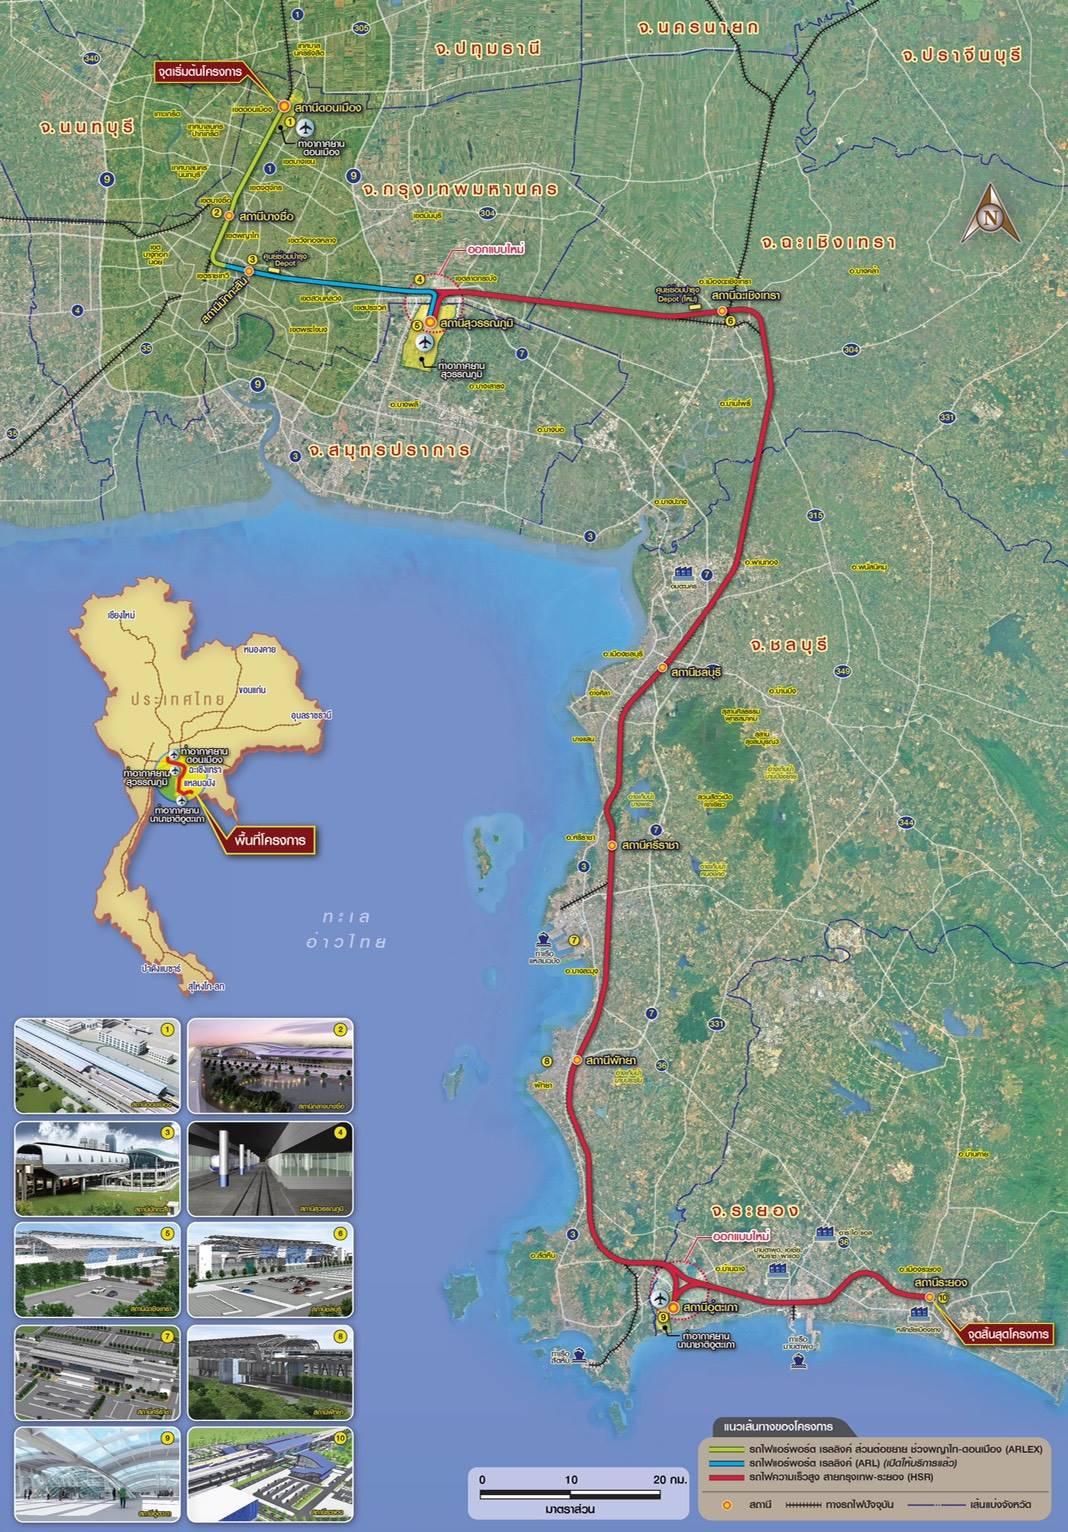 ครมเคาะแผนสร้างโครงการรถไฟความเร็วสูงเชื่อม 3 สนามบิน   Prop2Morrow บ้าน คอนโด ข่าวอสังหาฯ